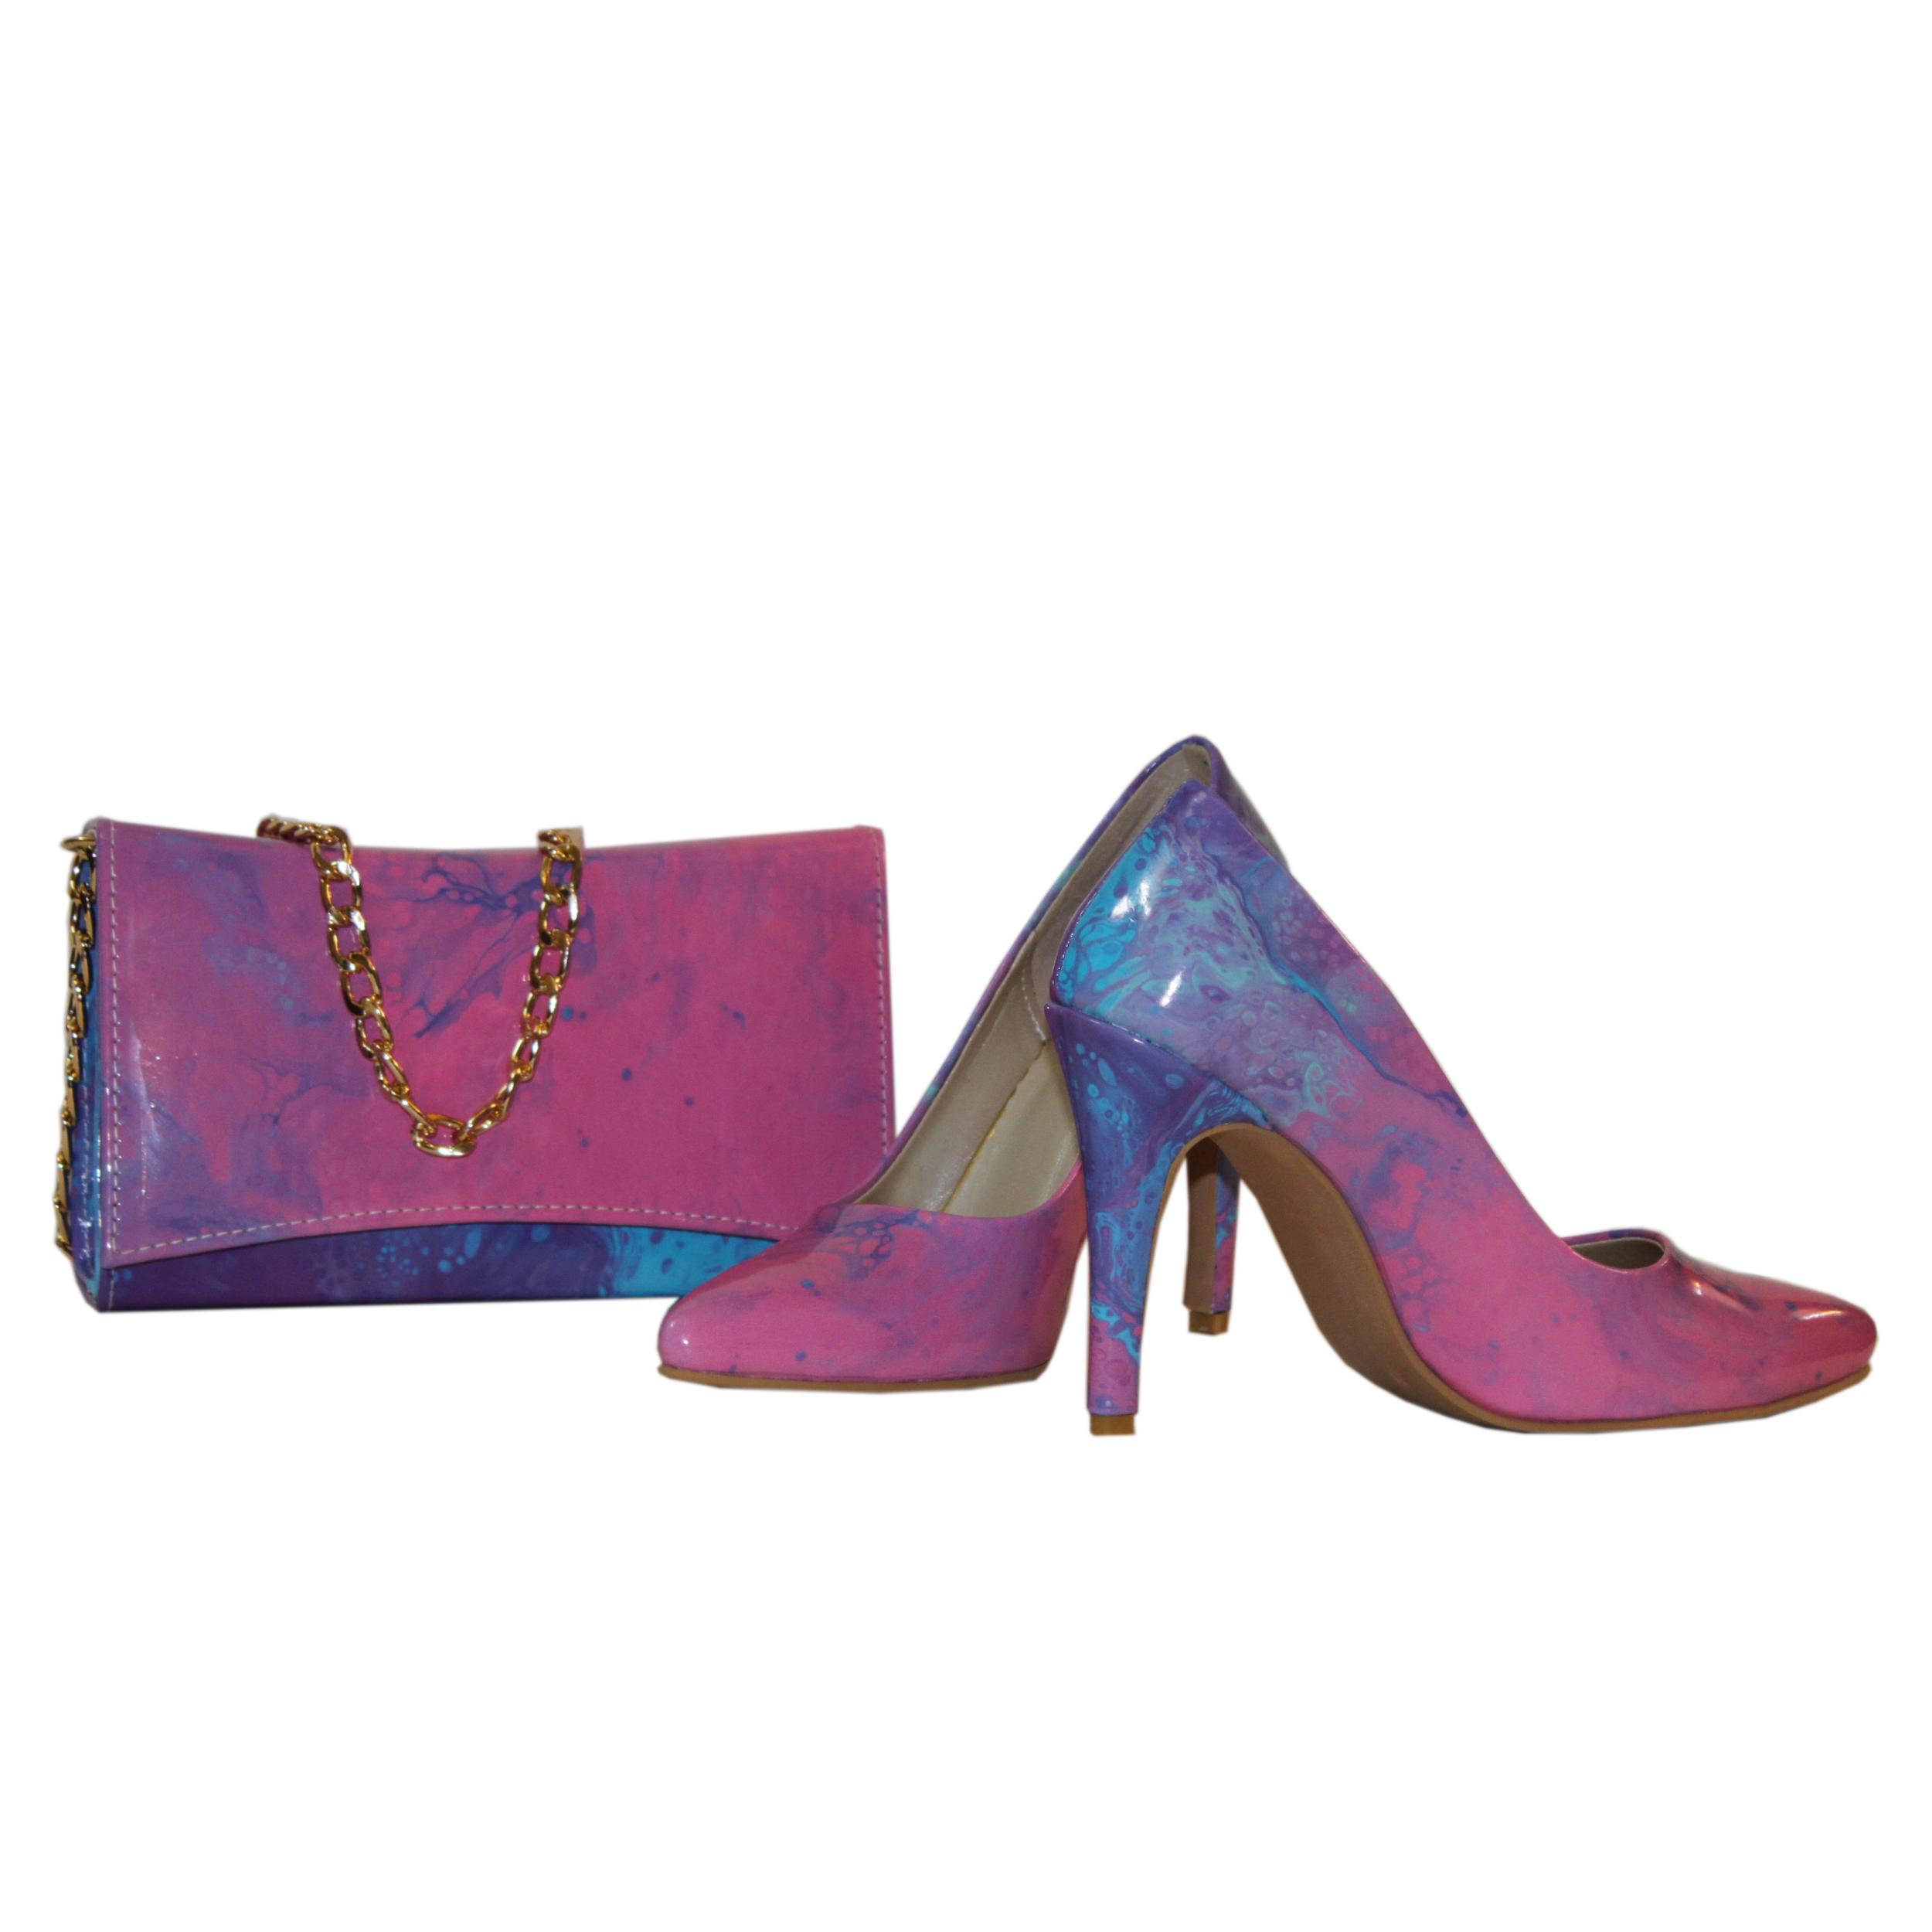 ست کیف و کفش زنانه کد 317 main 1 4